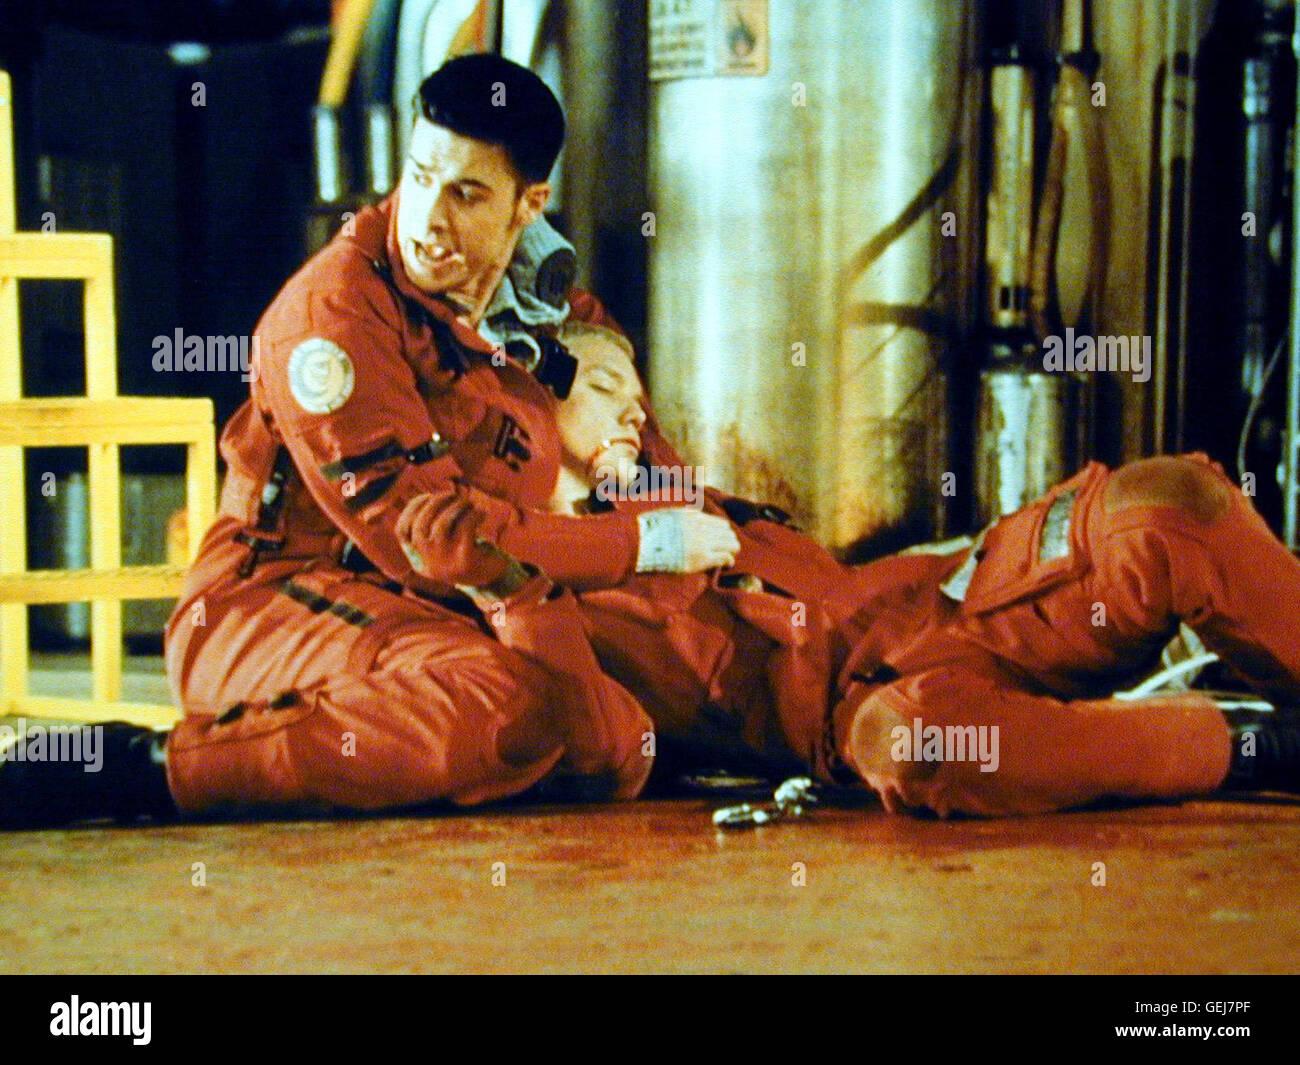 Freddie Prinze Jr., Matthew Lillard Offizier Blair (Freddie Prinze jr.) haelt den verletzen Maniac (Matthew Lillard) - Stock Image